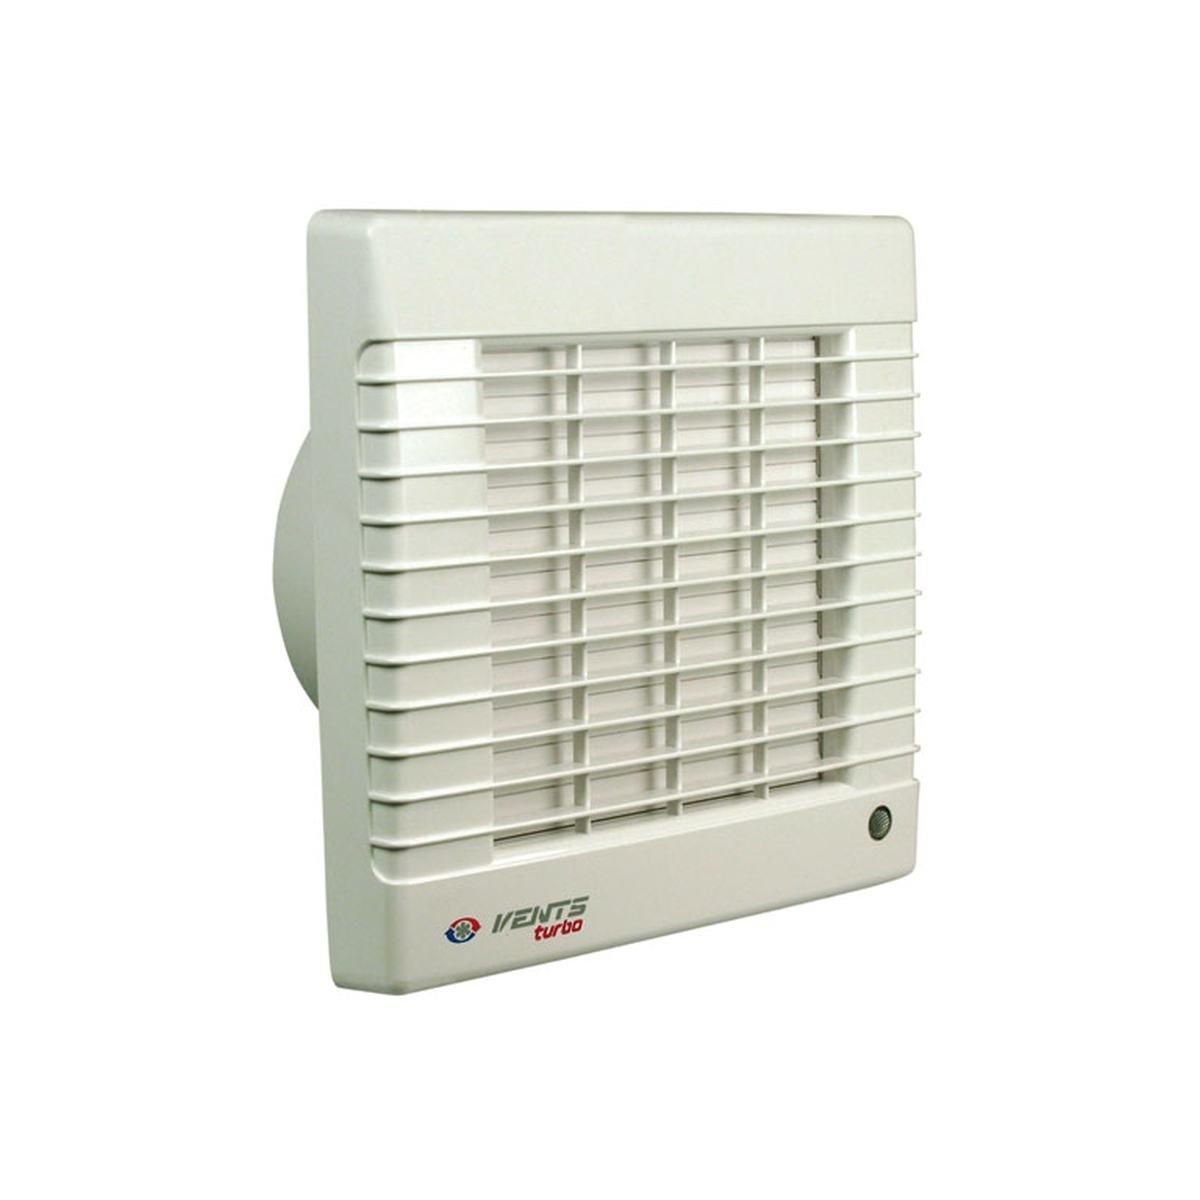 Ventilator med automatisk jalousilukke til Ø150 mm